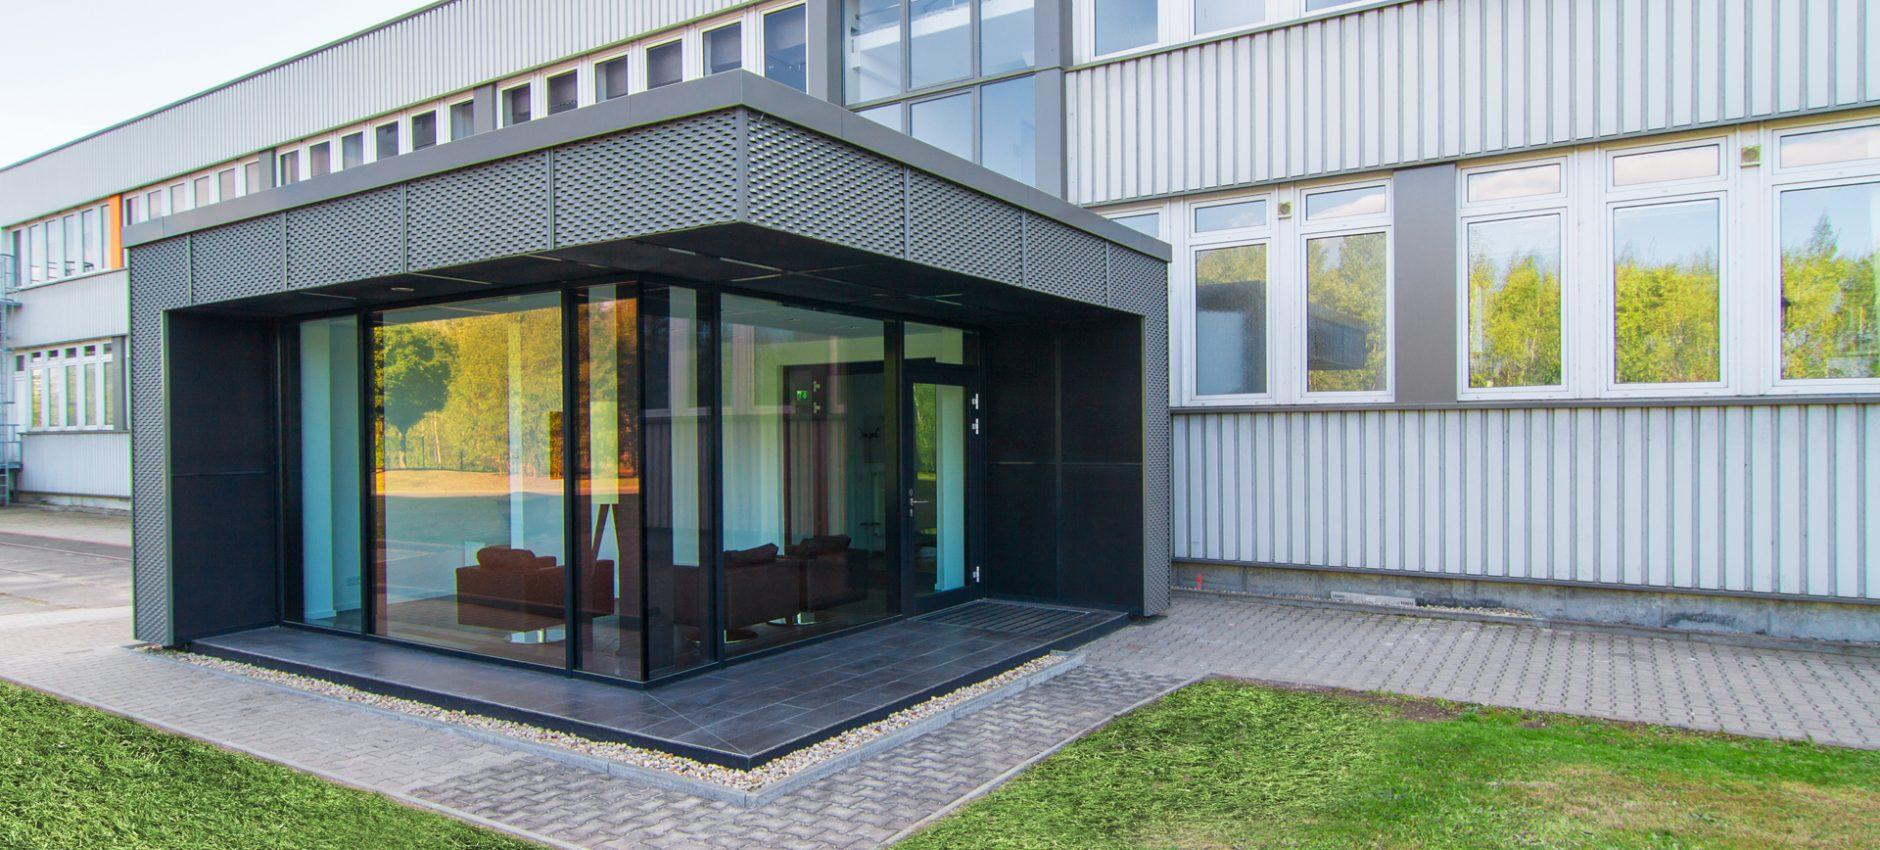 BOKAArchitektur_Hochbau_Mondi_01.jpg